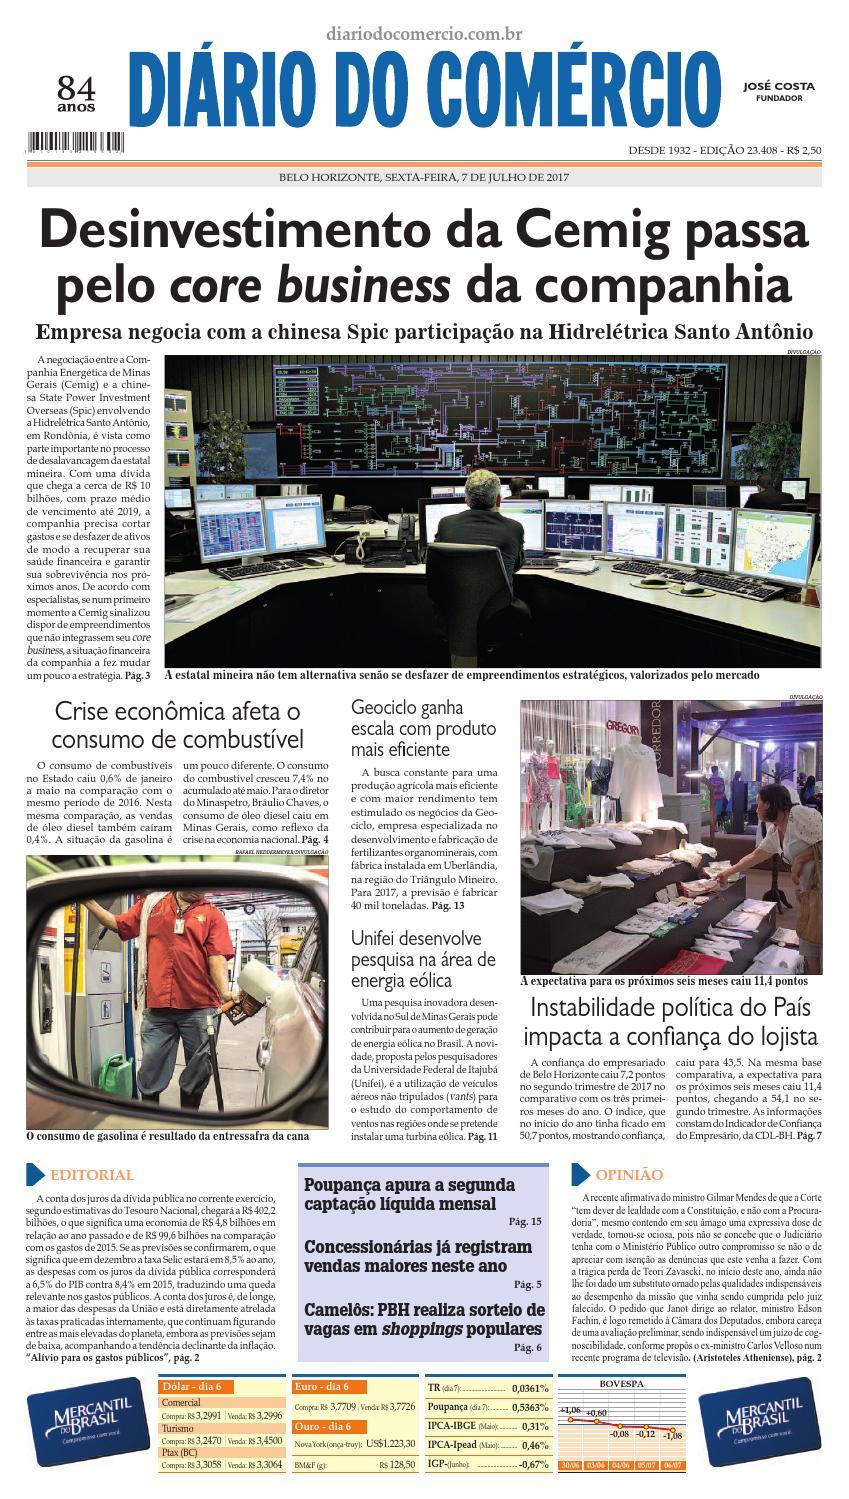 6183eb767 23408 by Diário do Comércio - Belo Horizonte - issuu